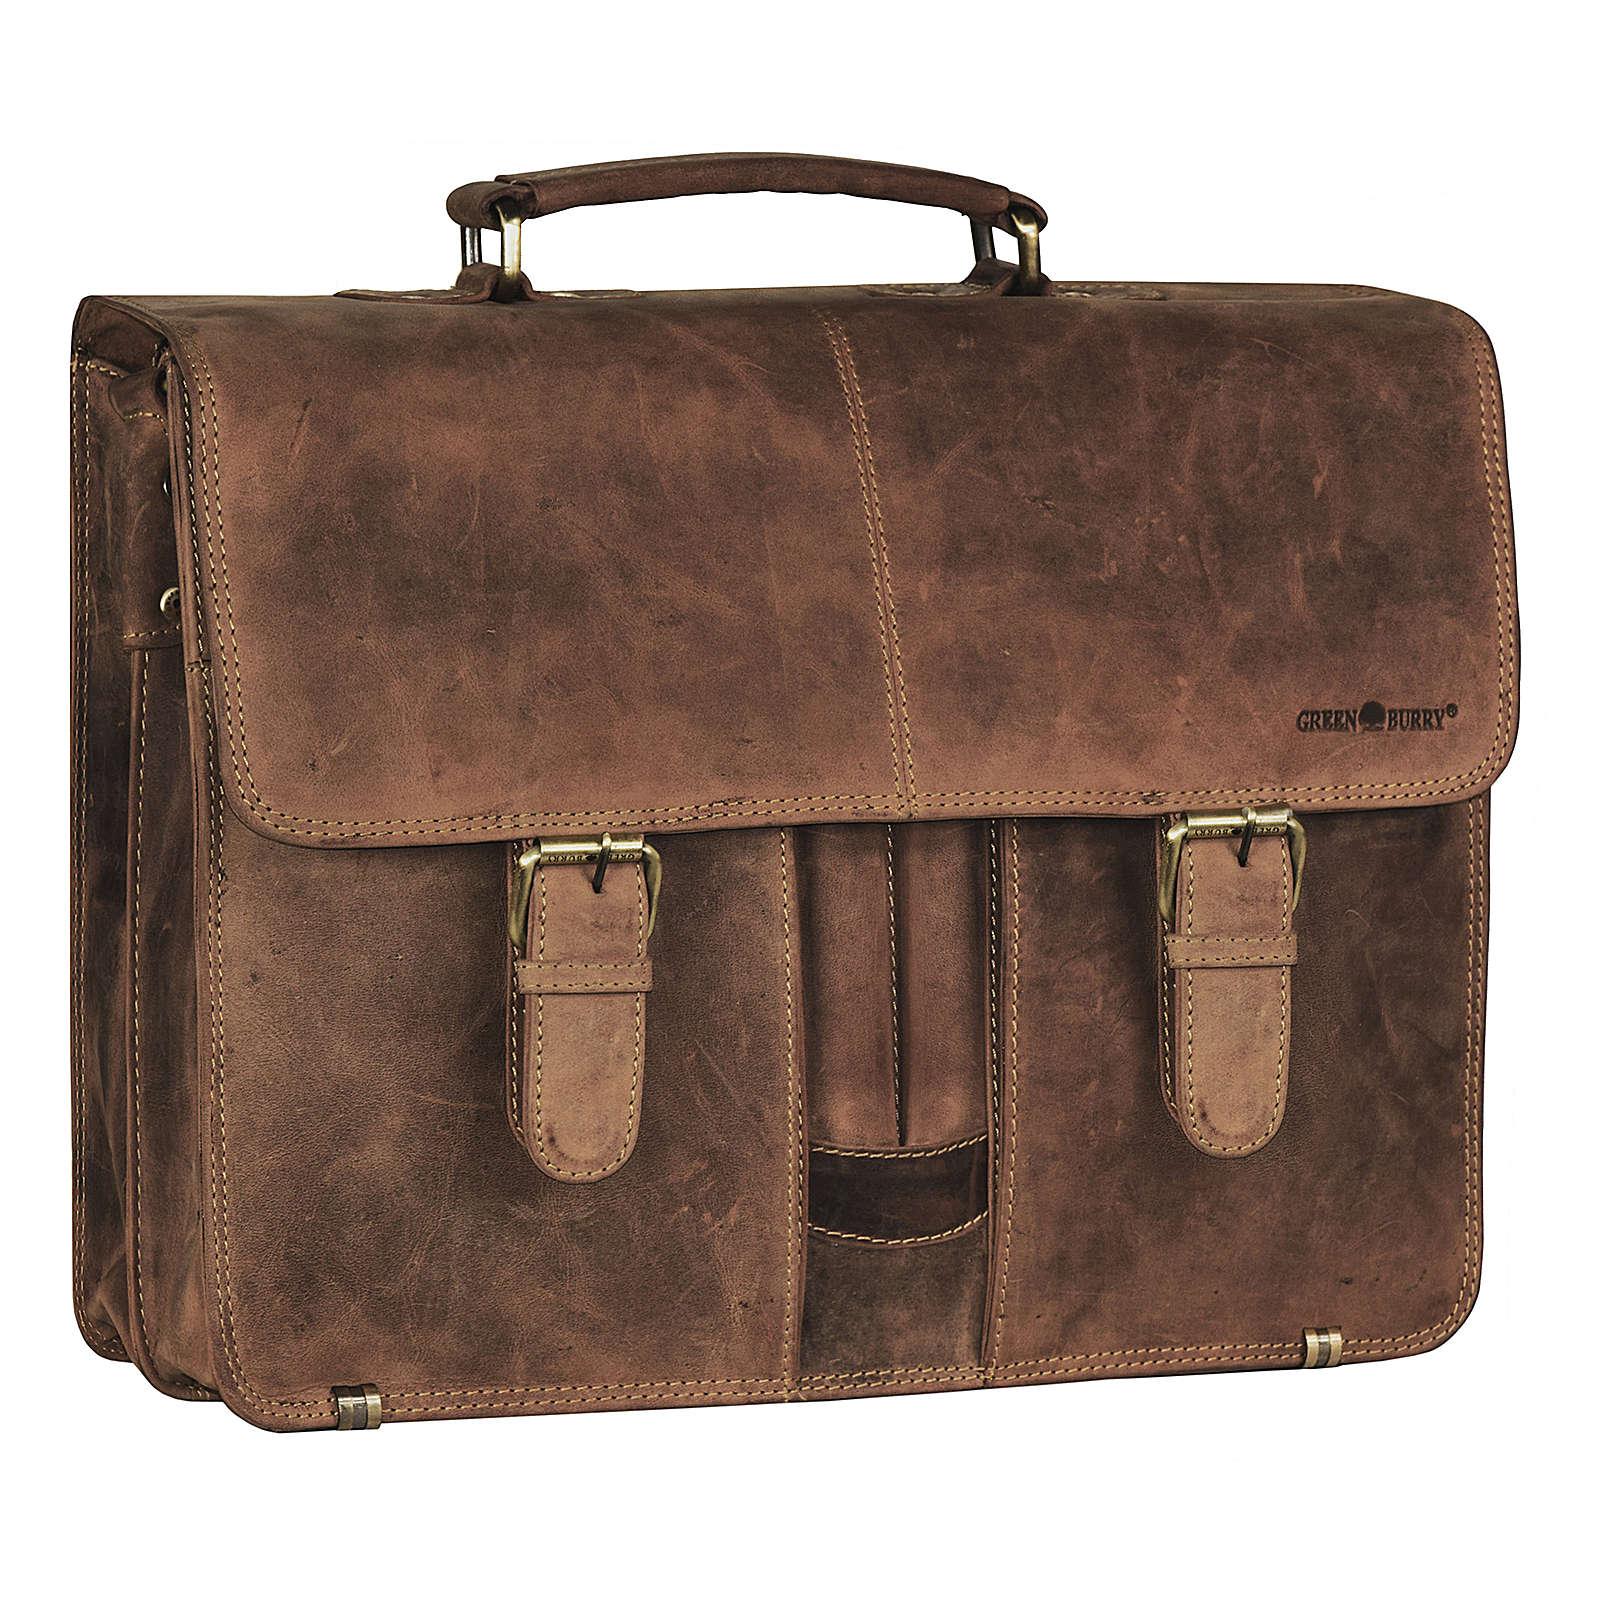 Greenburry Vintage XL Aktentasche Leder 40 cm Laptopfach mit 2 Hauptfächern und Frontstiftelaschen braun